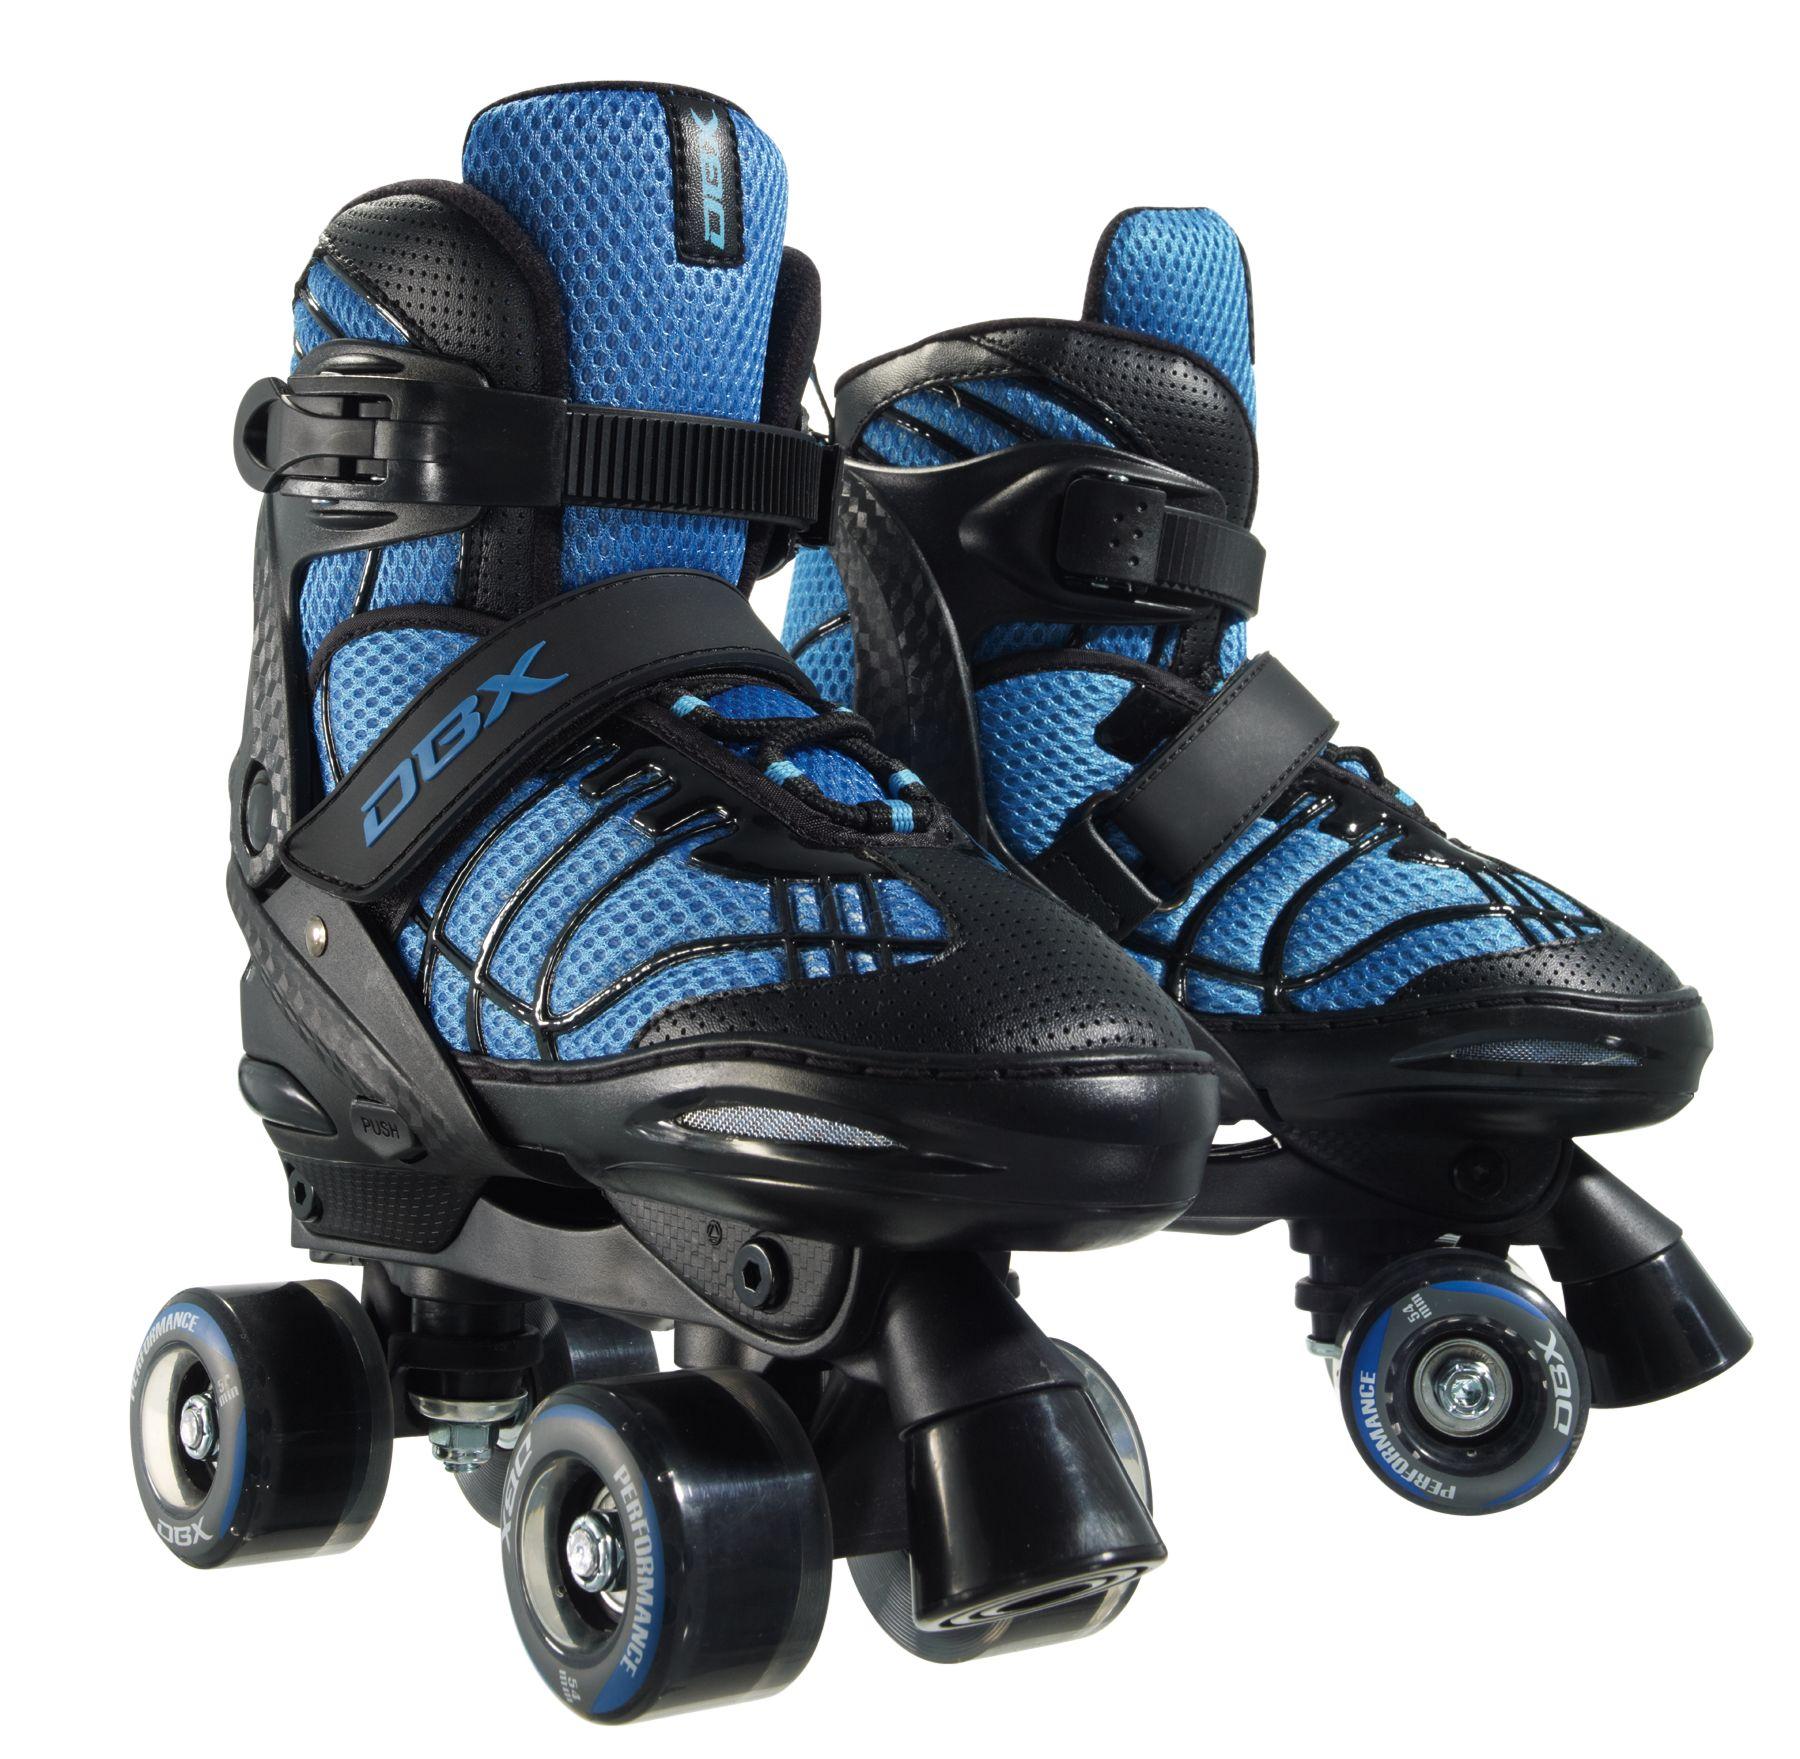 Roller skates blue - Noimagefound